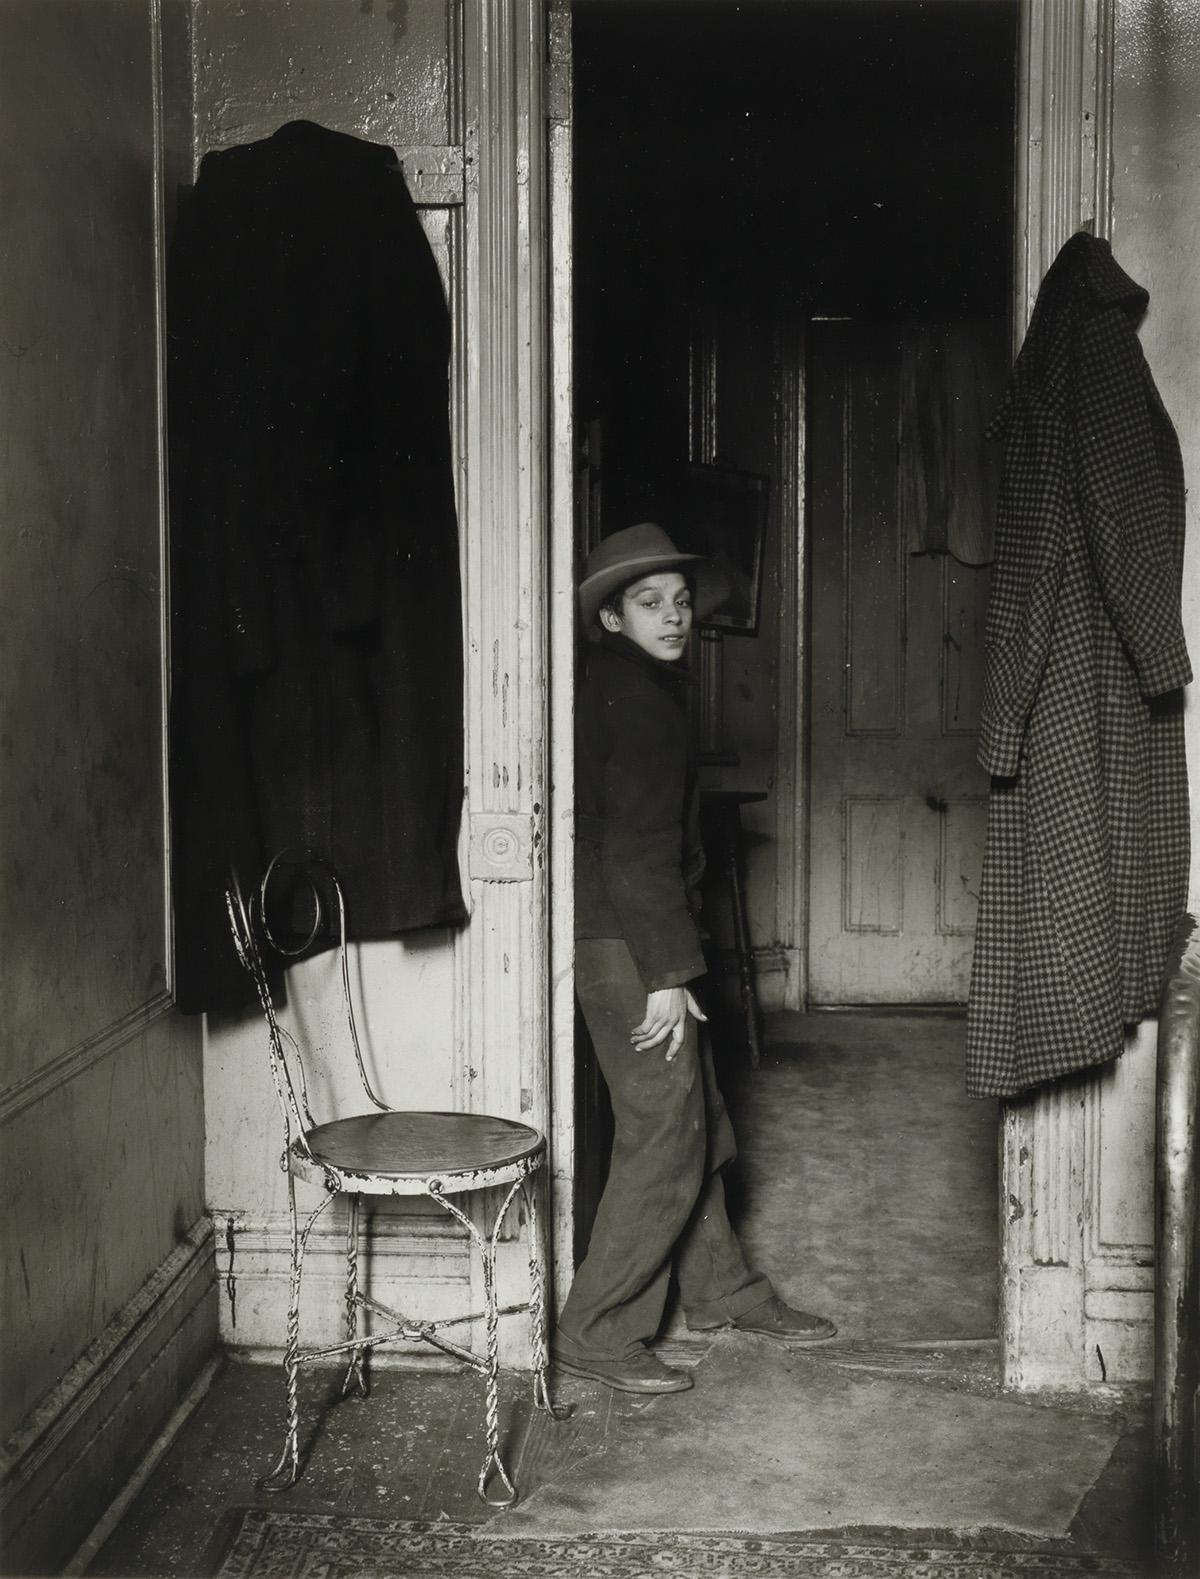 HELEN LEVITT (1913-2009) N.Y. (Gypsy boy, East Harlem).